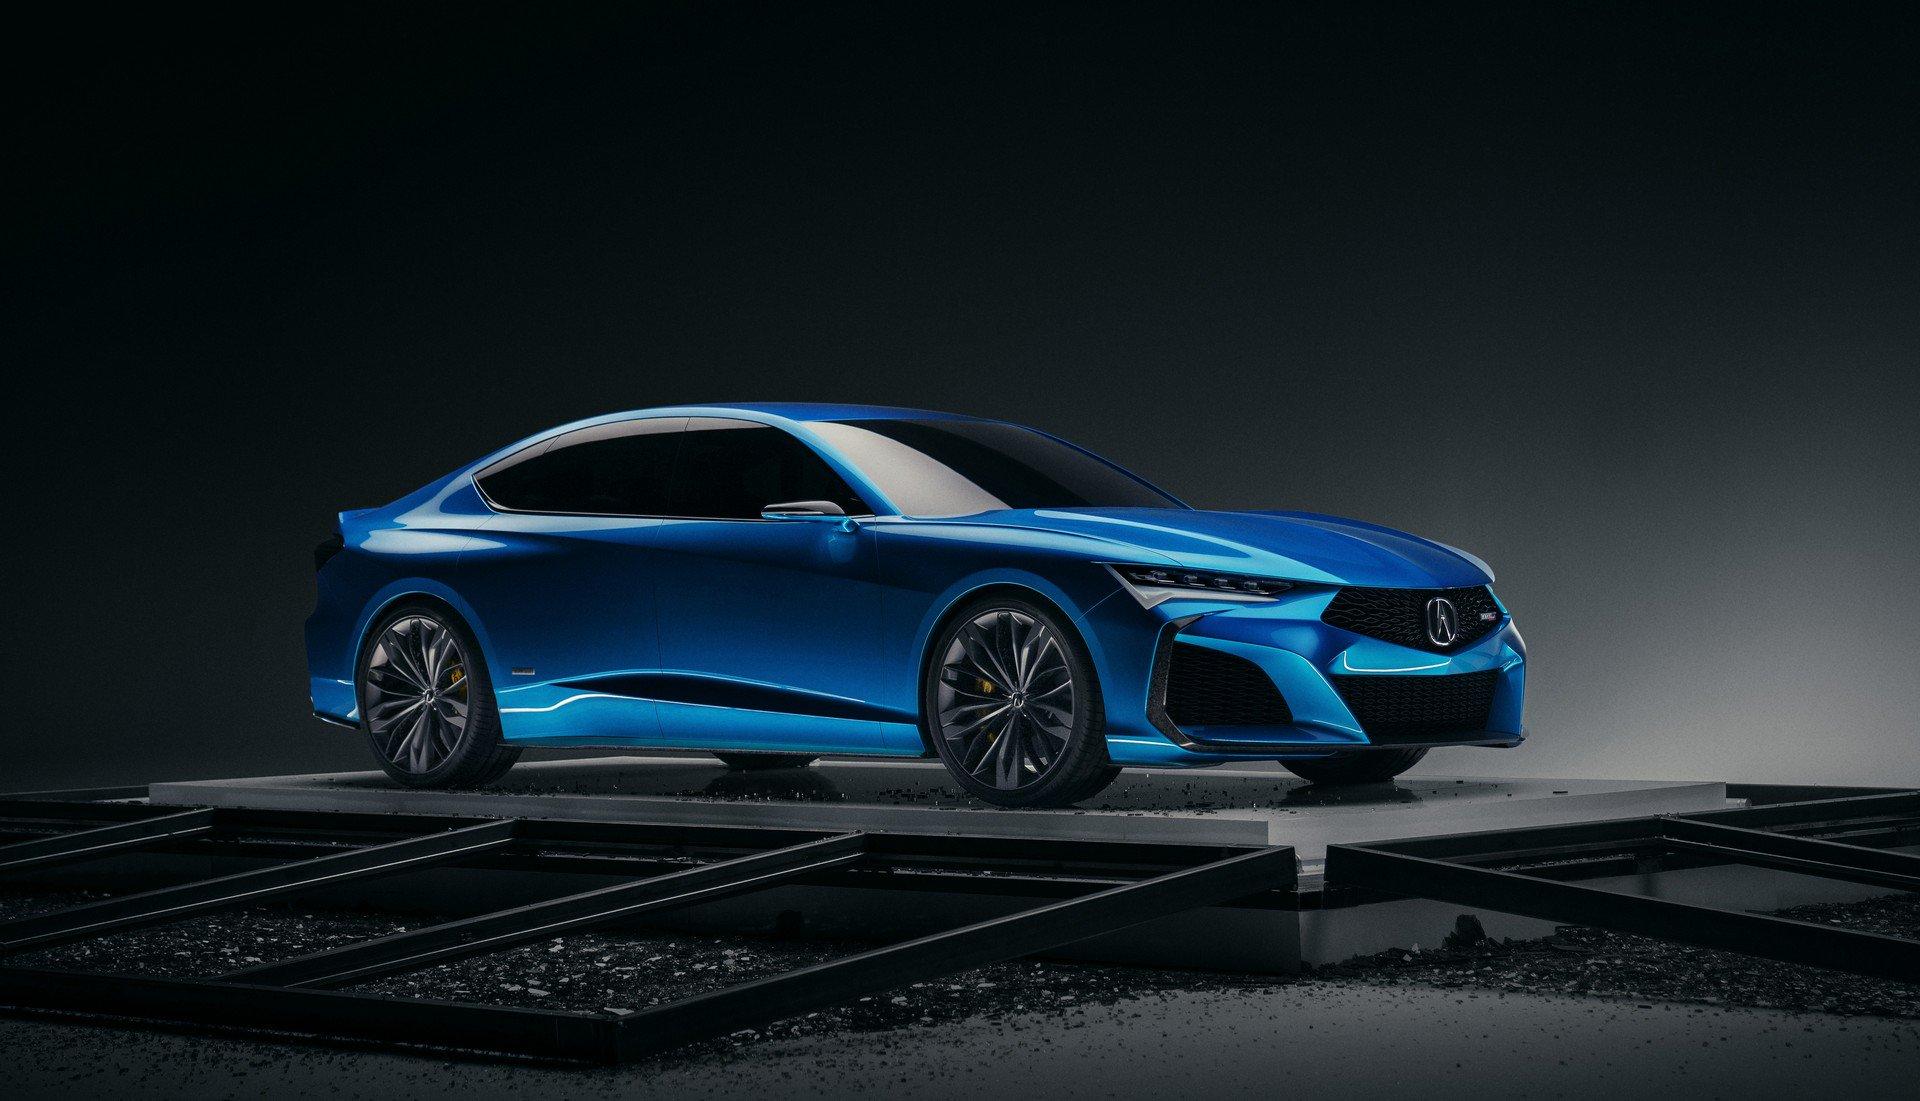 Acura-Type-S-Concept-1